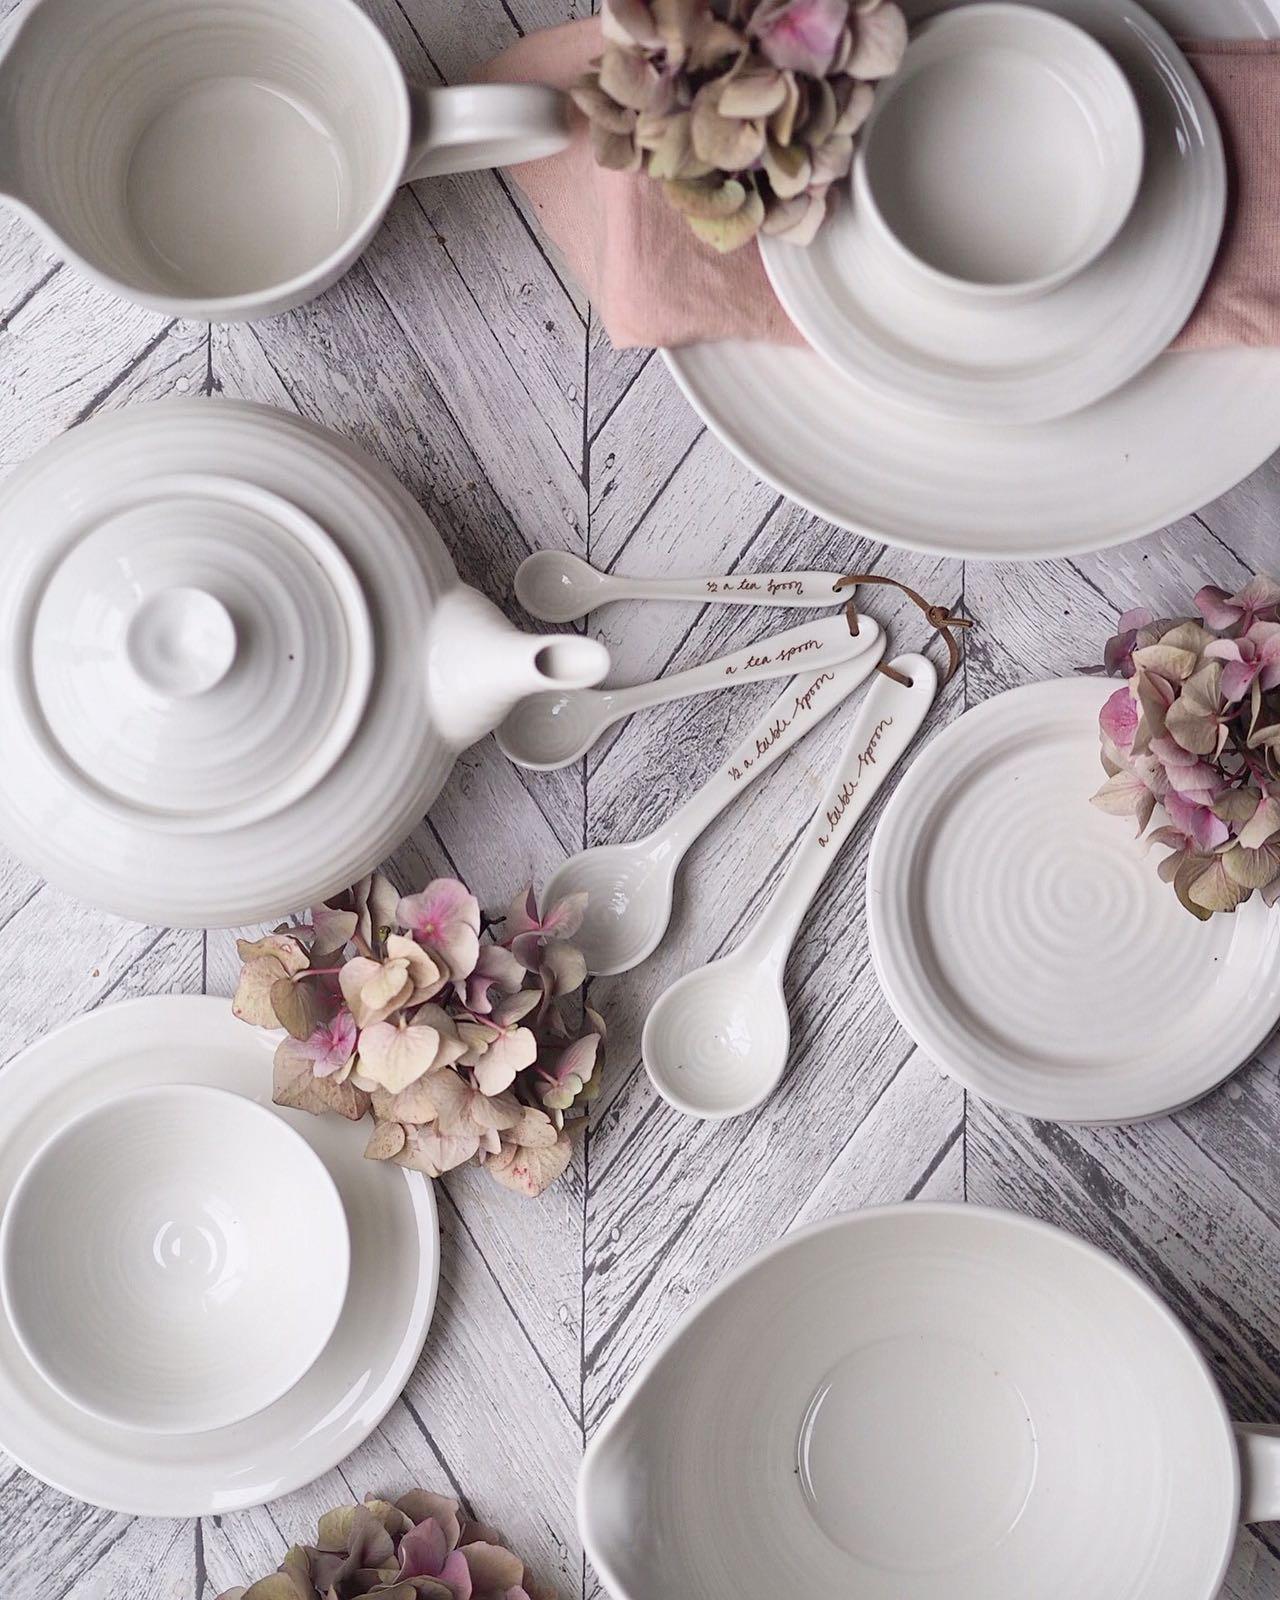 Our Top 3 Afternoon Tea Week Looks